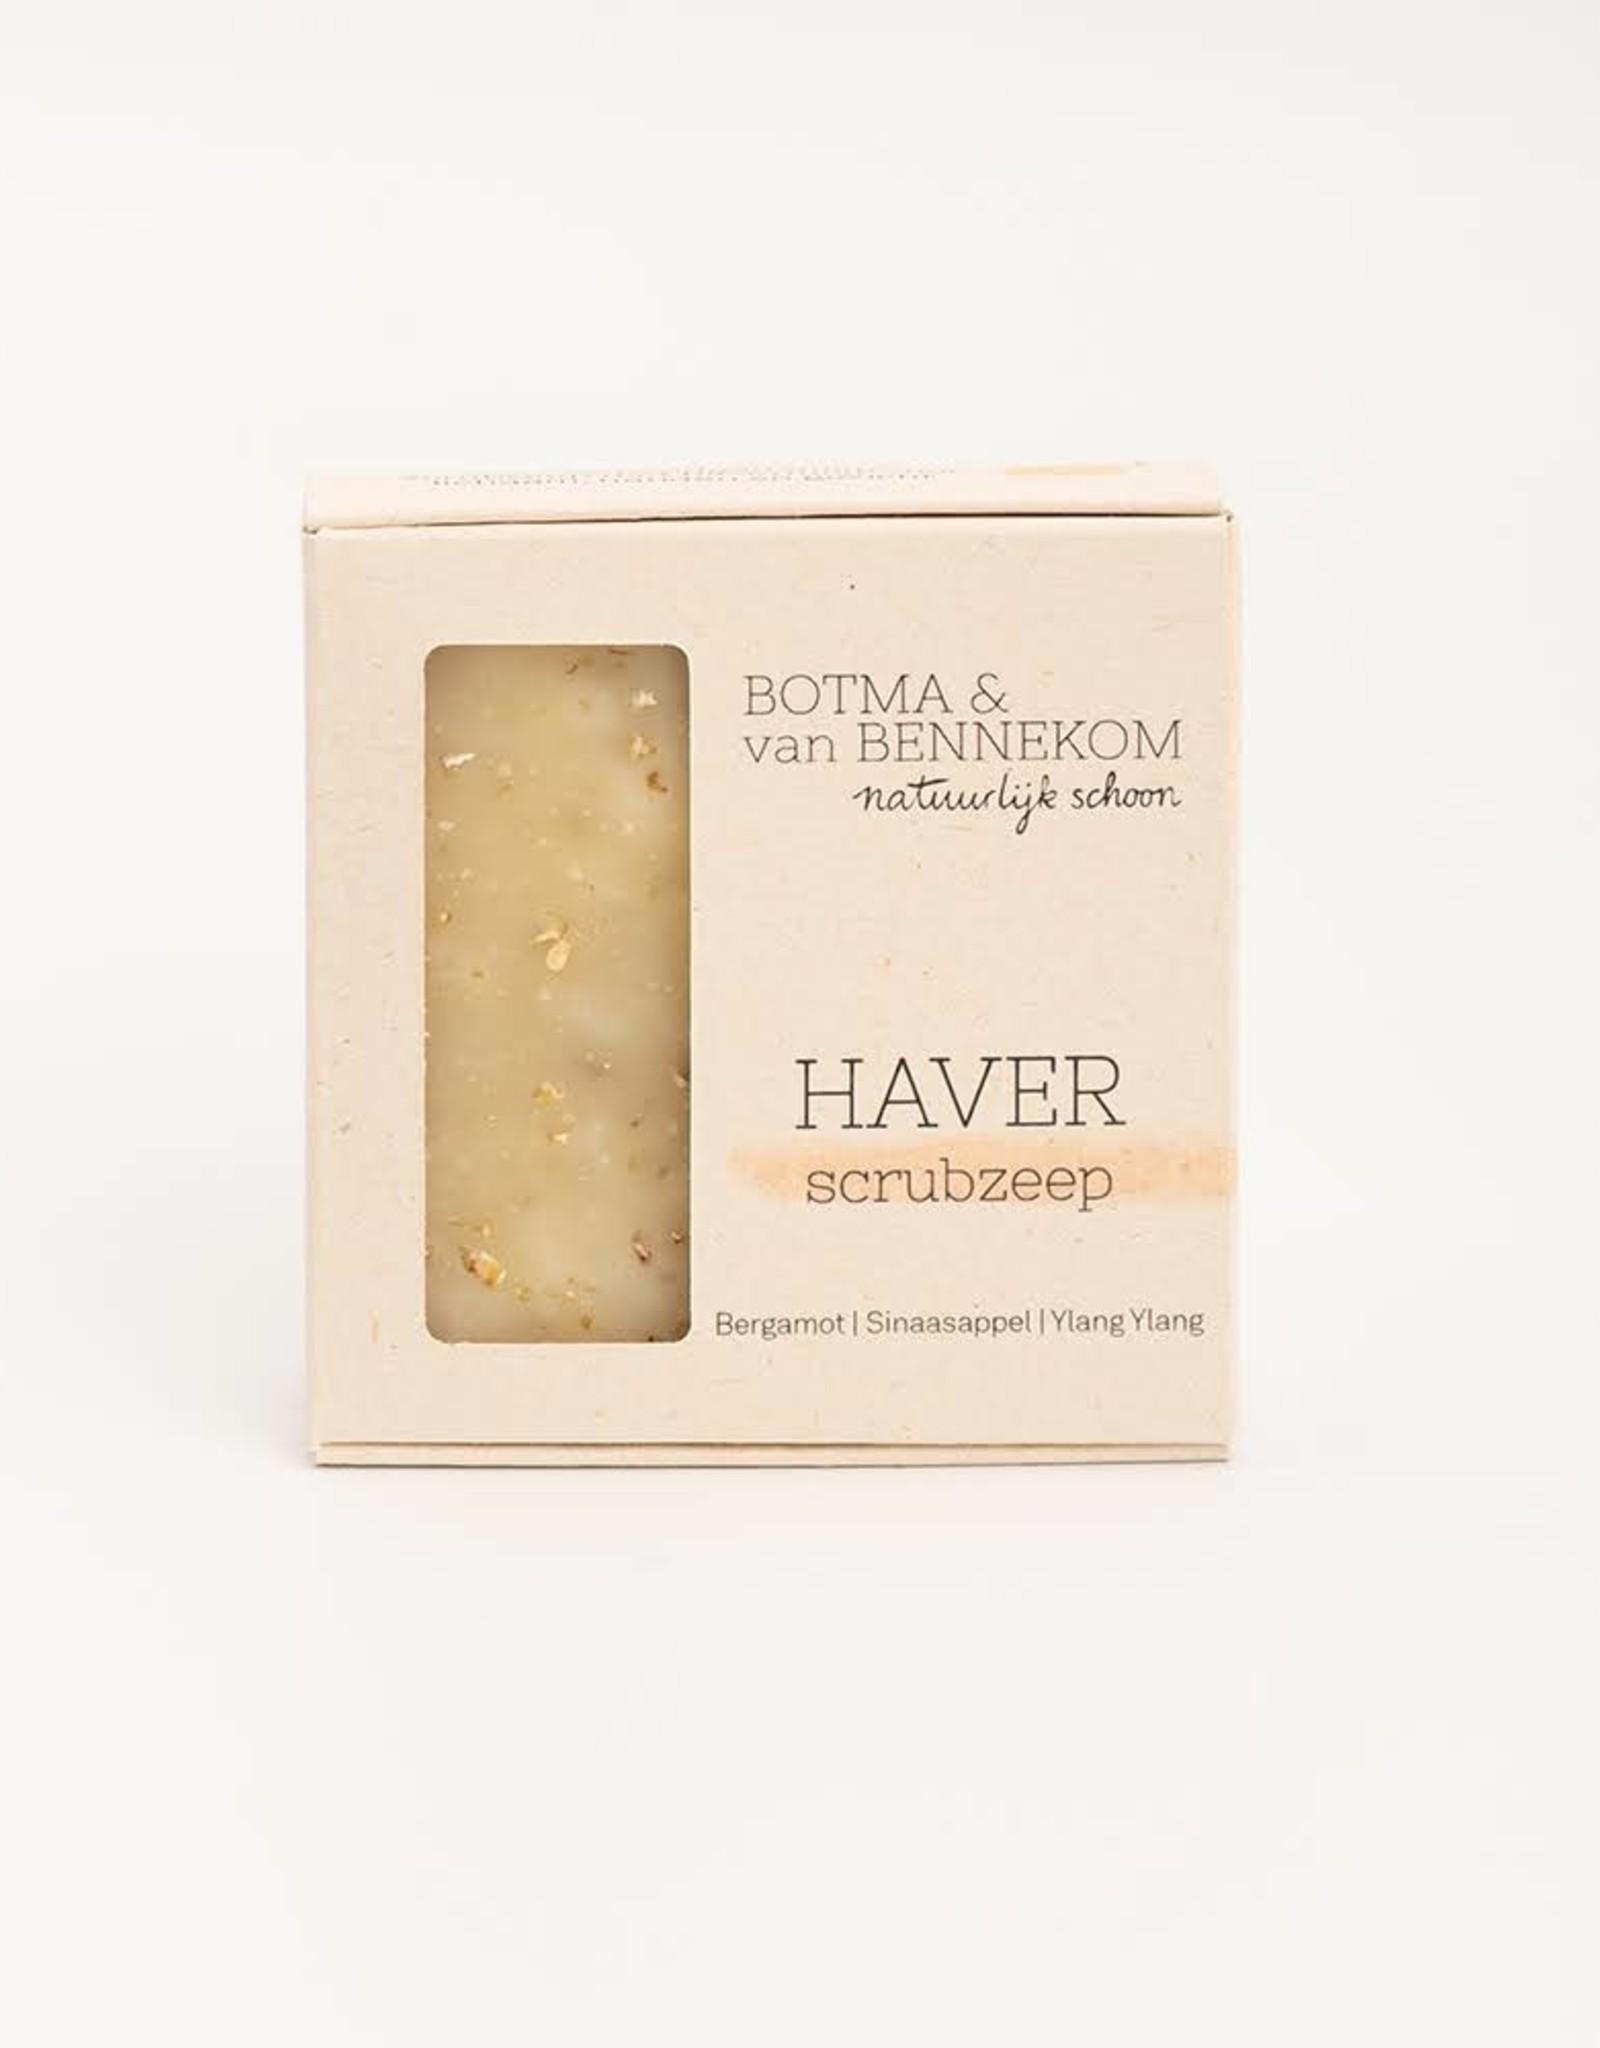 Oat soap